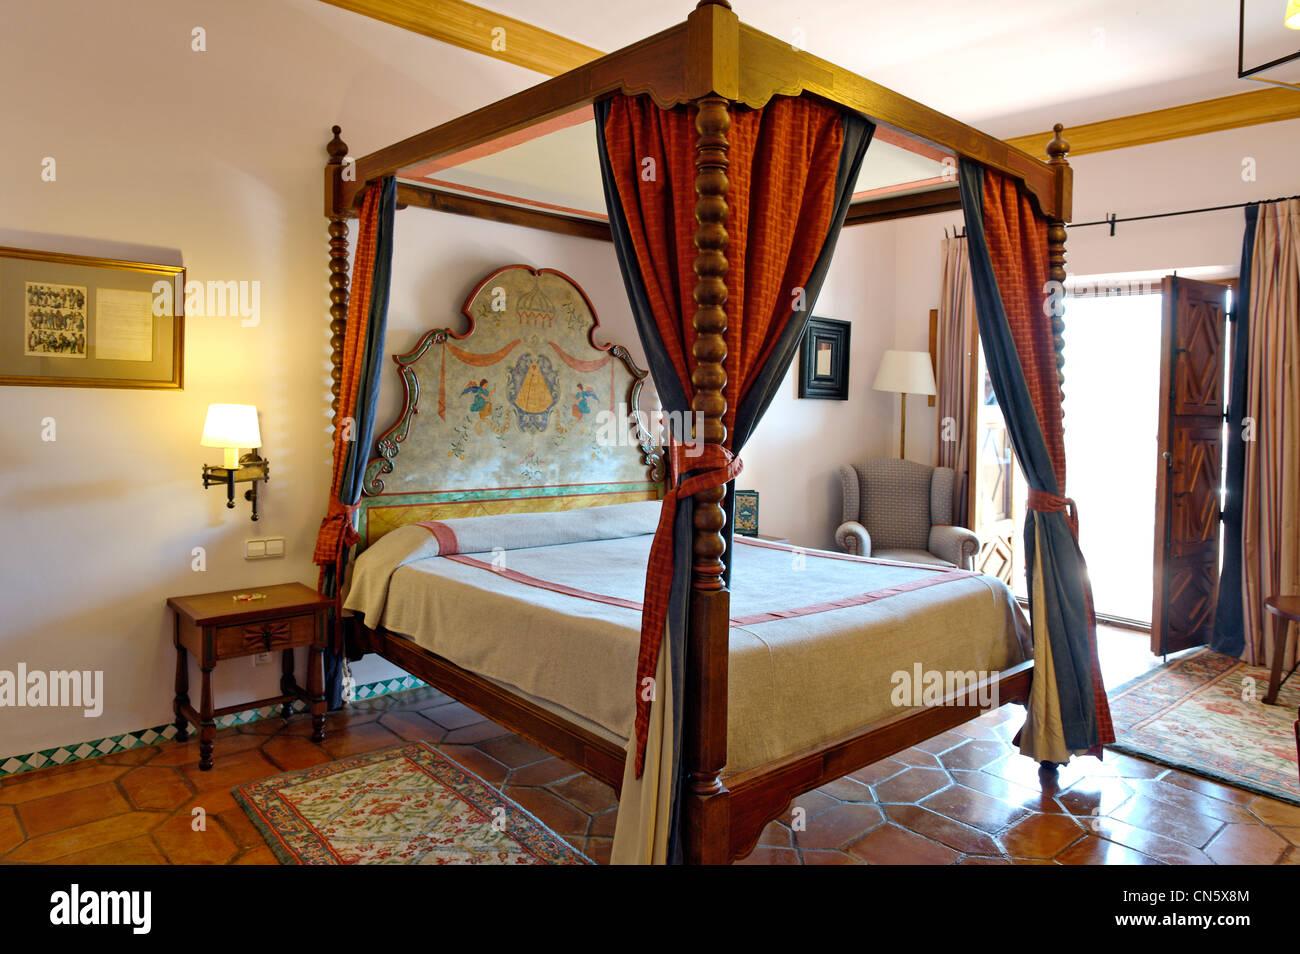 España, Extremadura, Guadalupe, Parador de Turismo, cama con dosel en el dormitorio Imagen De Stock